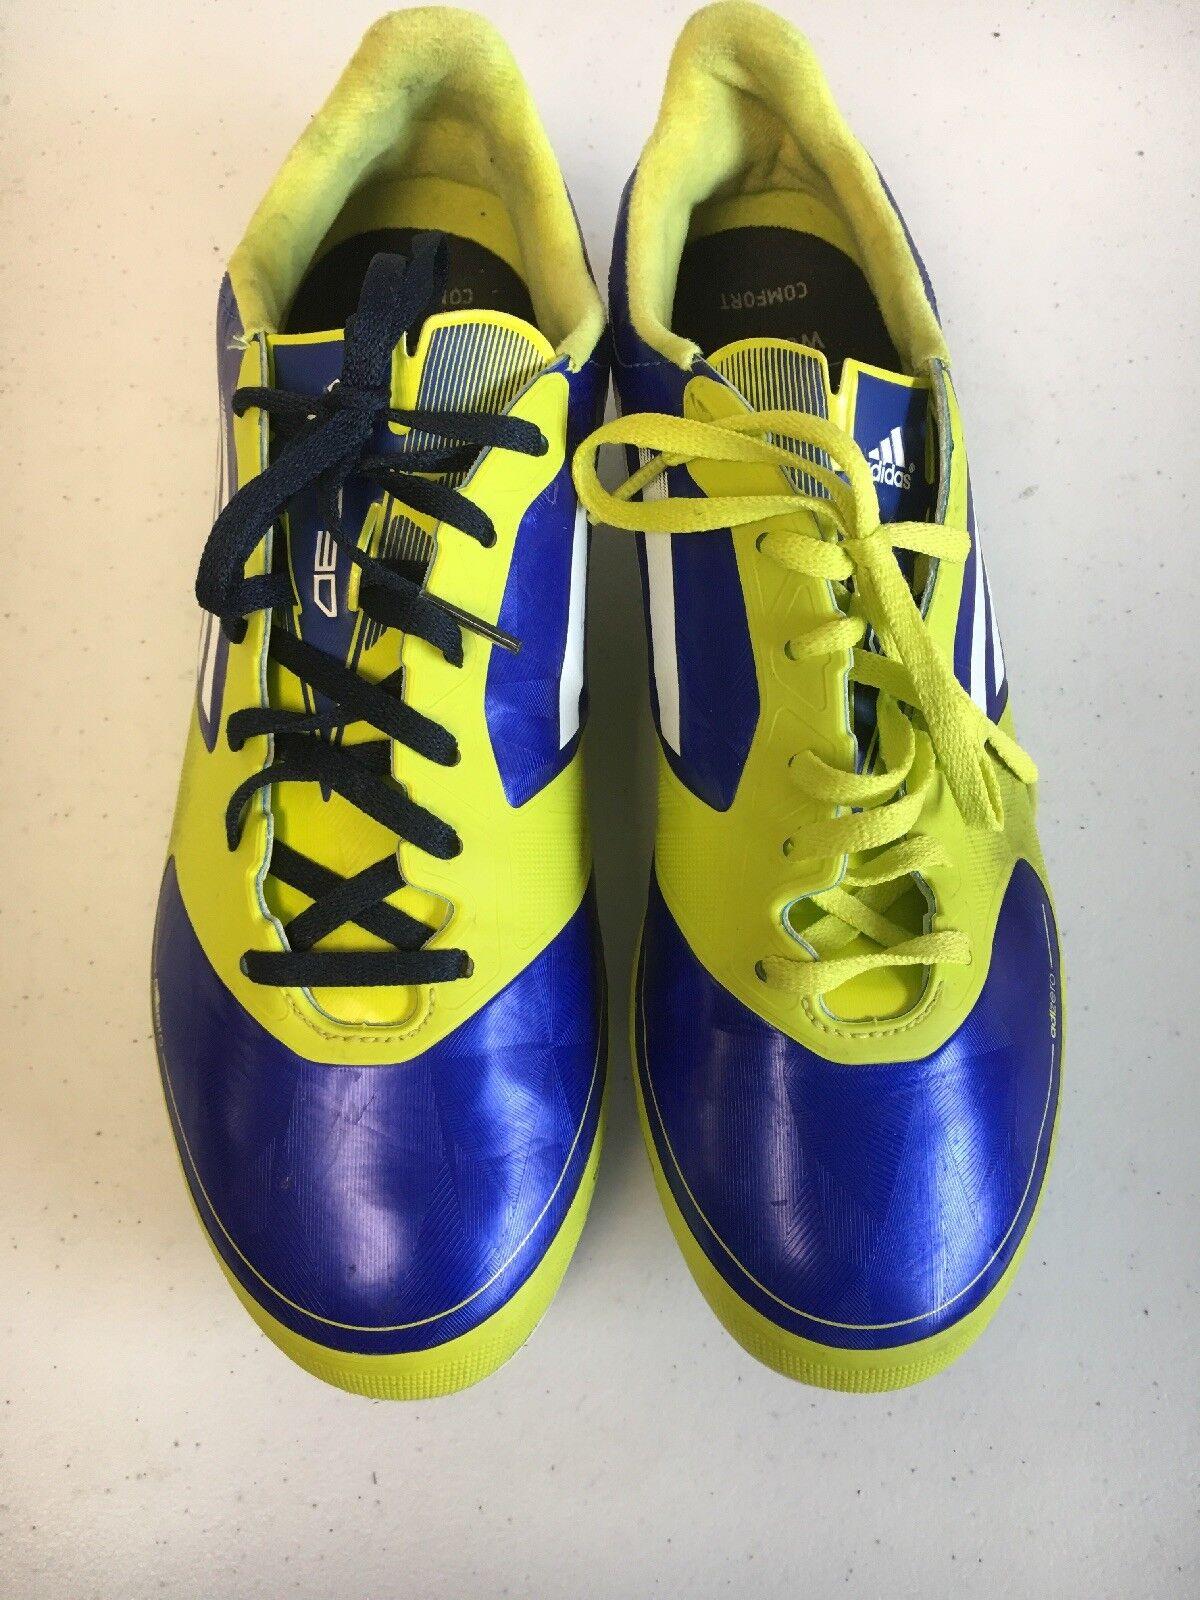 Le dimensioni 8 sprint scarpe adidas | Pacchetto Elegante E E E Robusto  f7dbd5